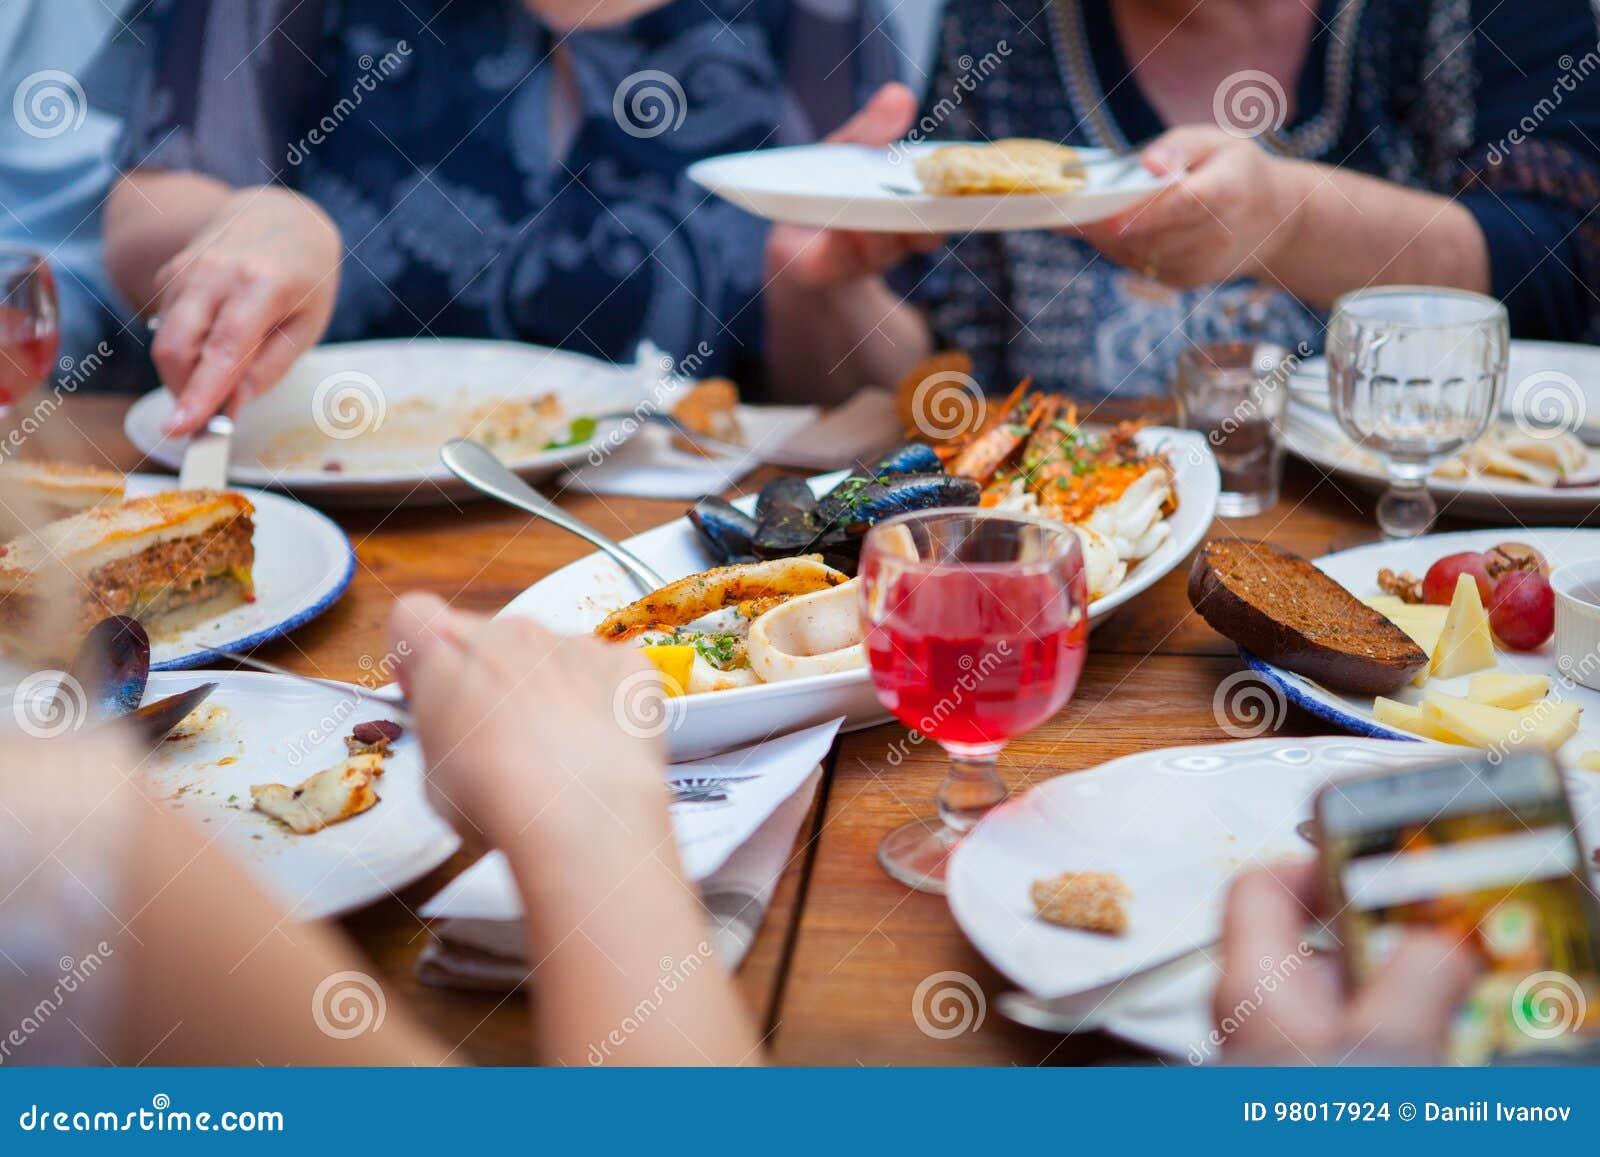 Buffématställerestaurang som sköter om matbegrepp